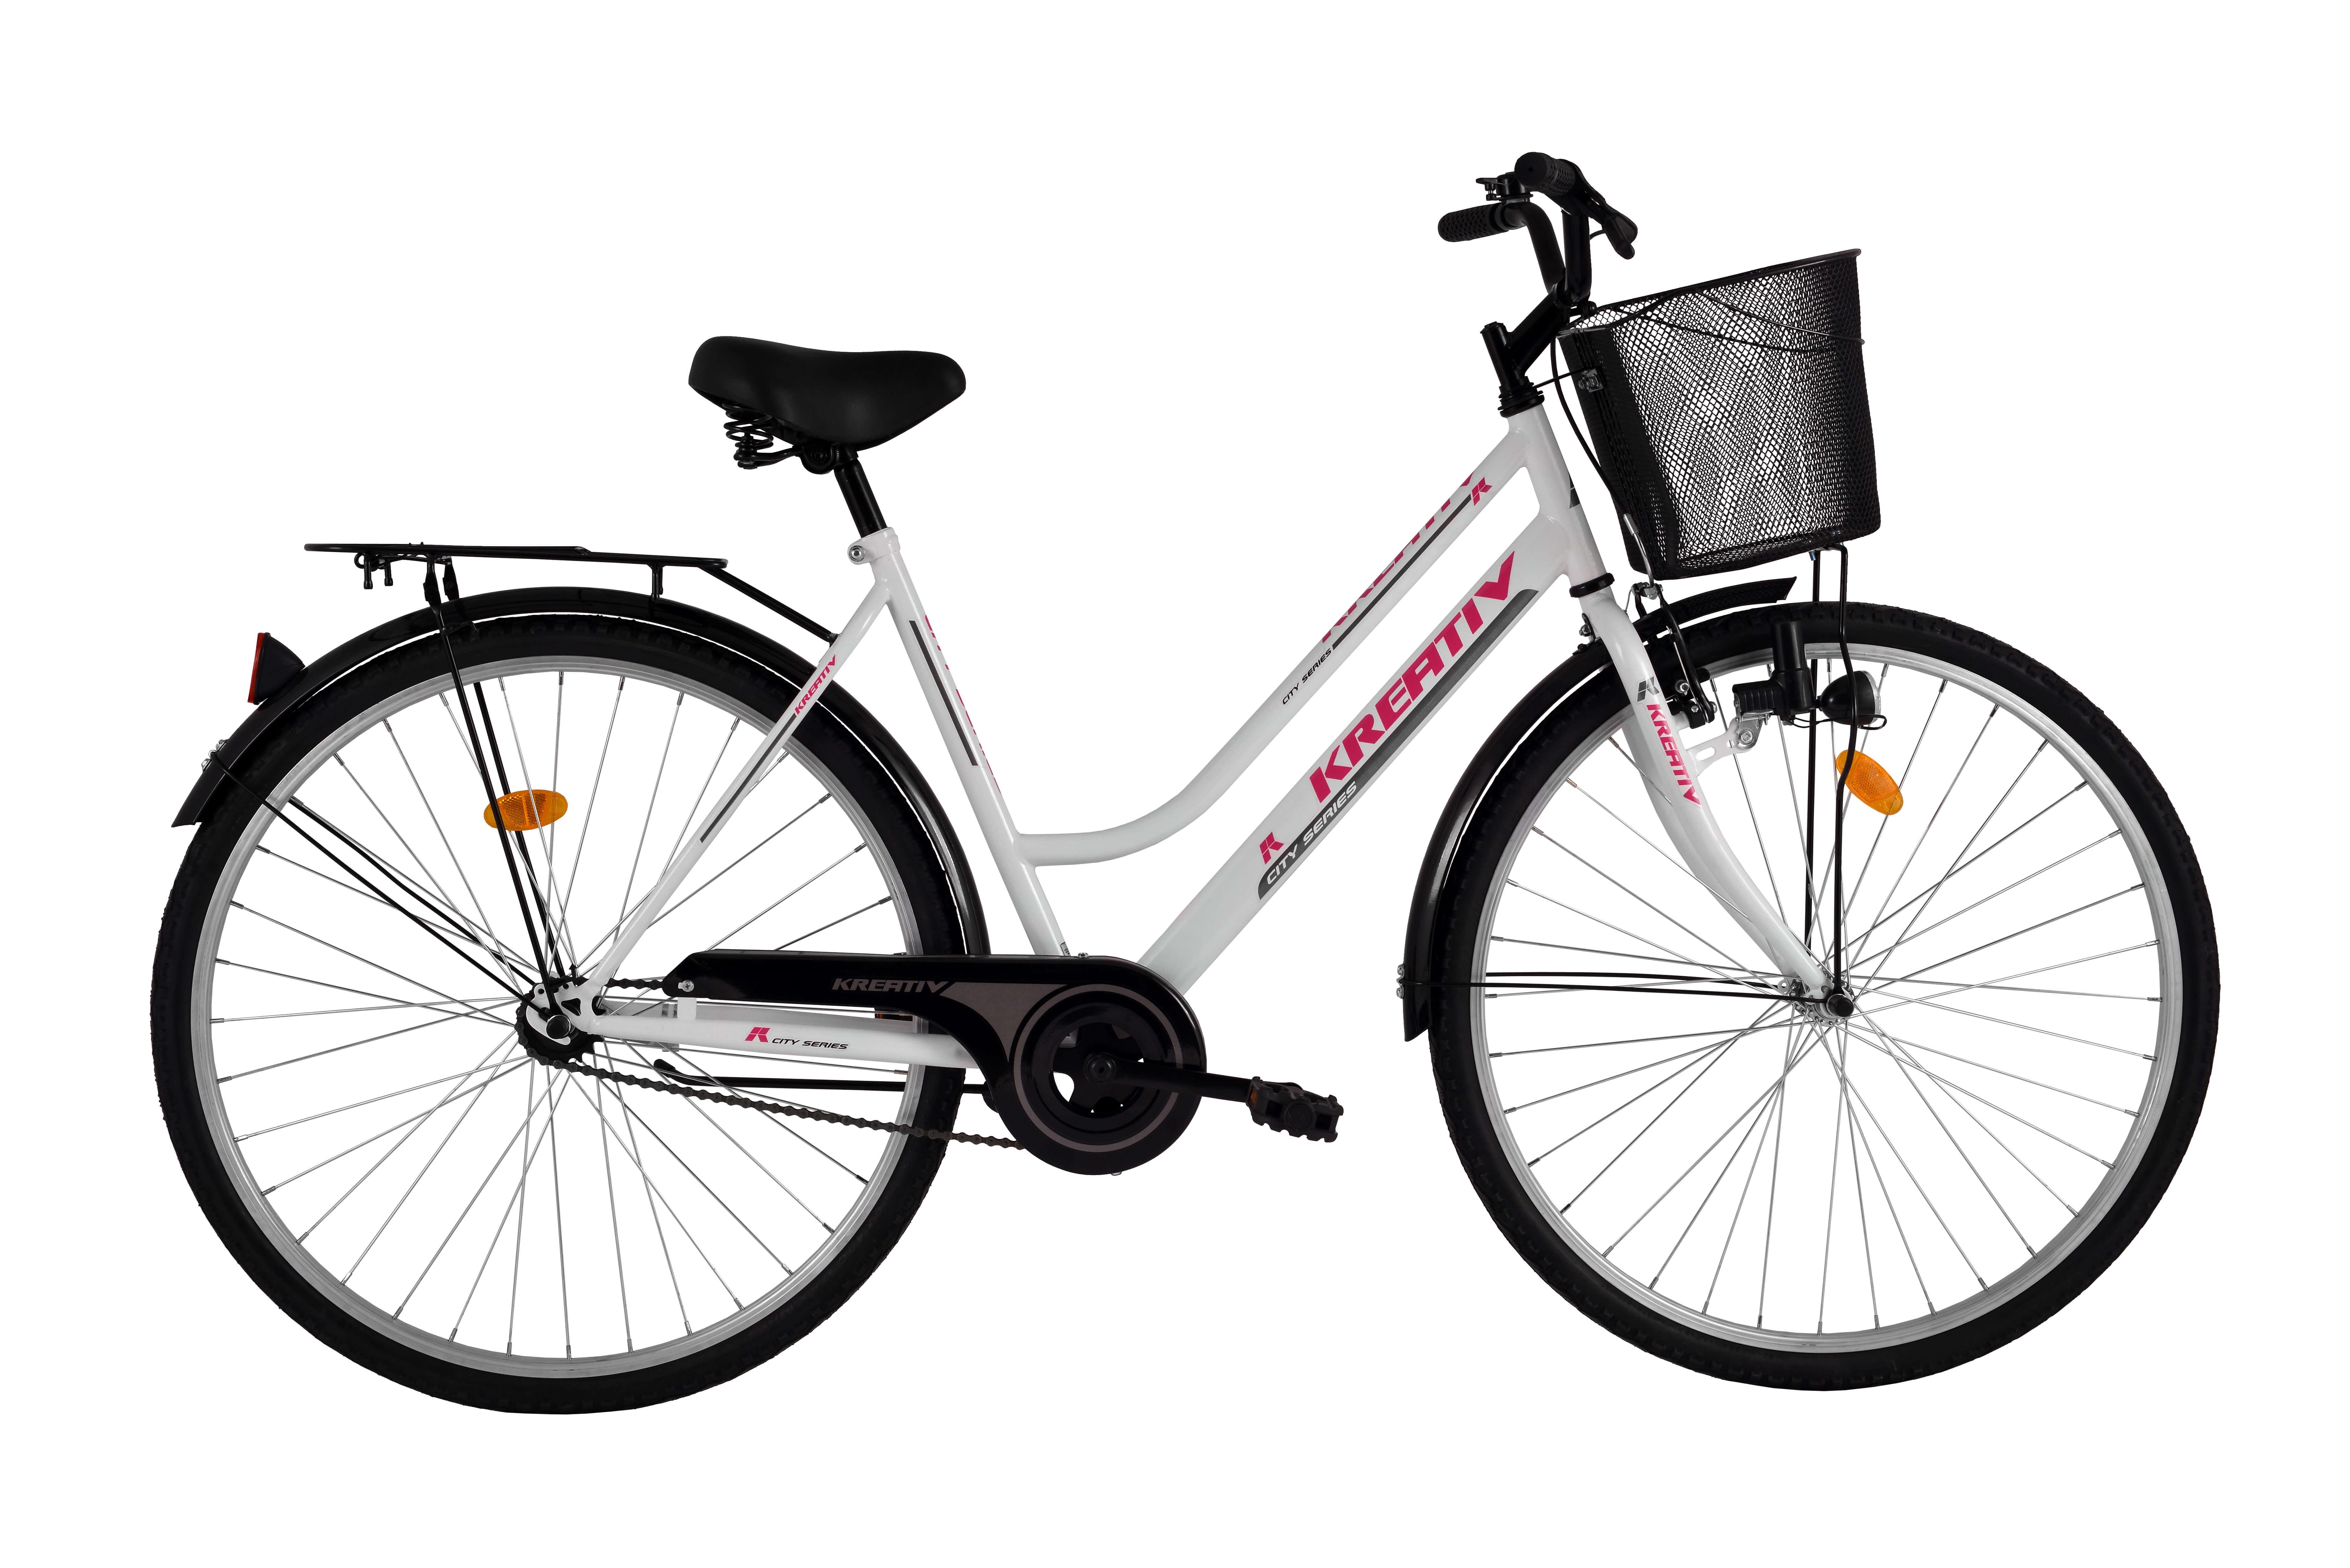 Dámské trekingové kolo Kreativ Comfort 2812 - model 2016 White - Záruka 10 let